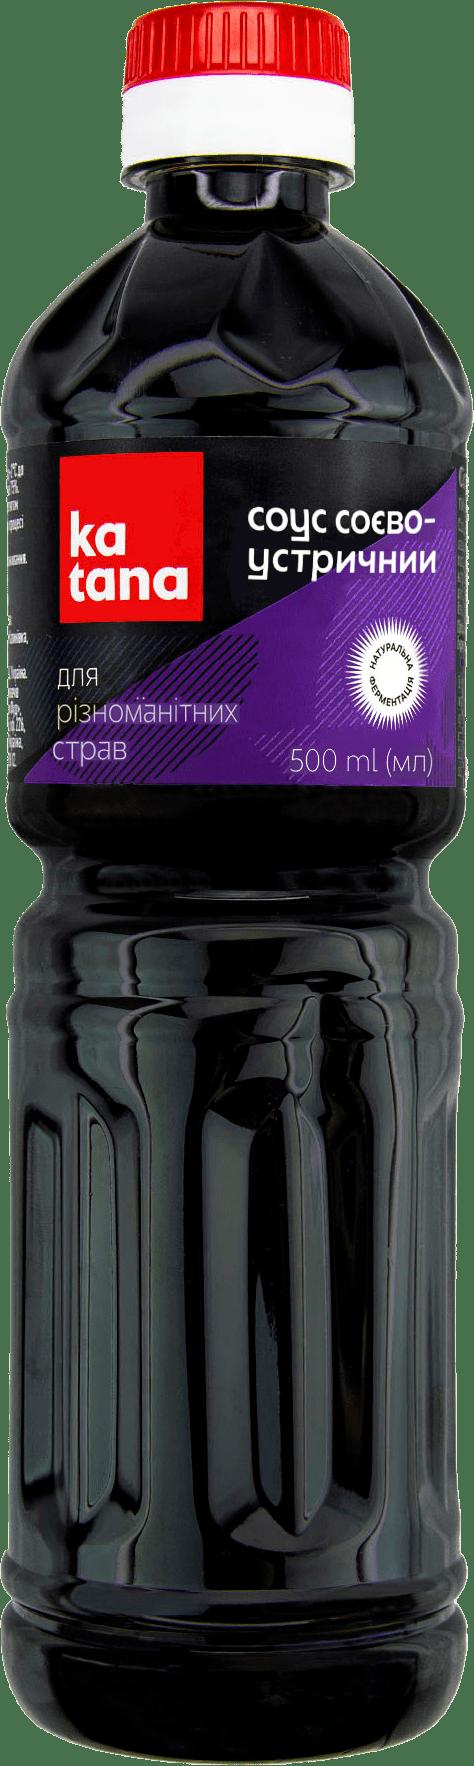 соус соево-устричный Katana